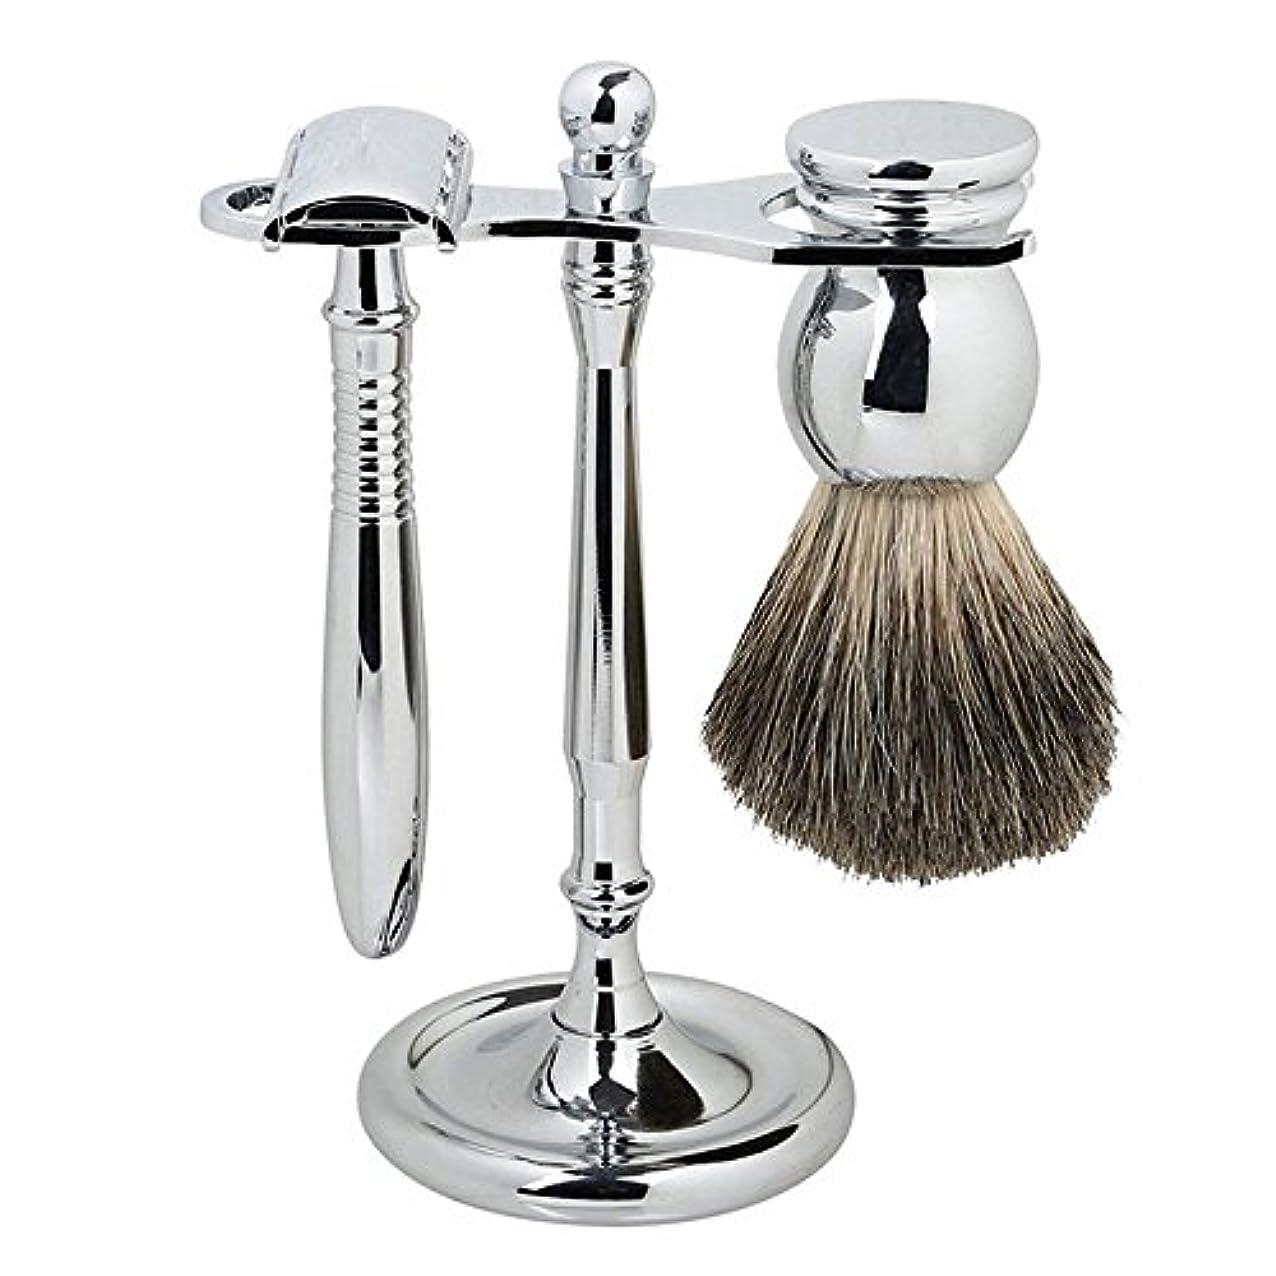 バレエ指定油SMAGREHO シェービングセット メタル 両刃剃刀 高級感満々 アナグマの柔らかい毛 替刃5枚付